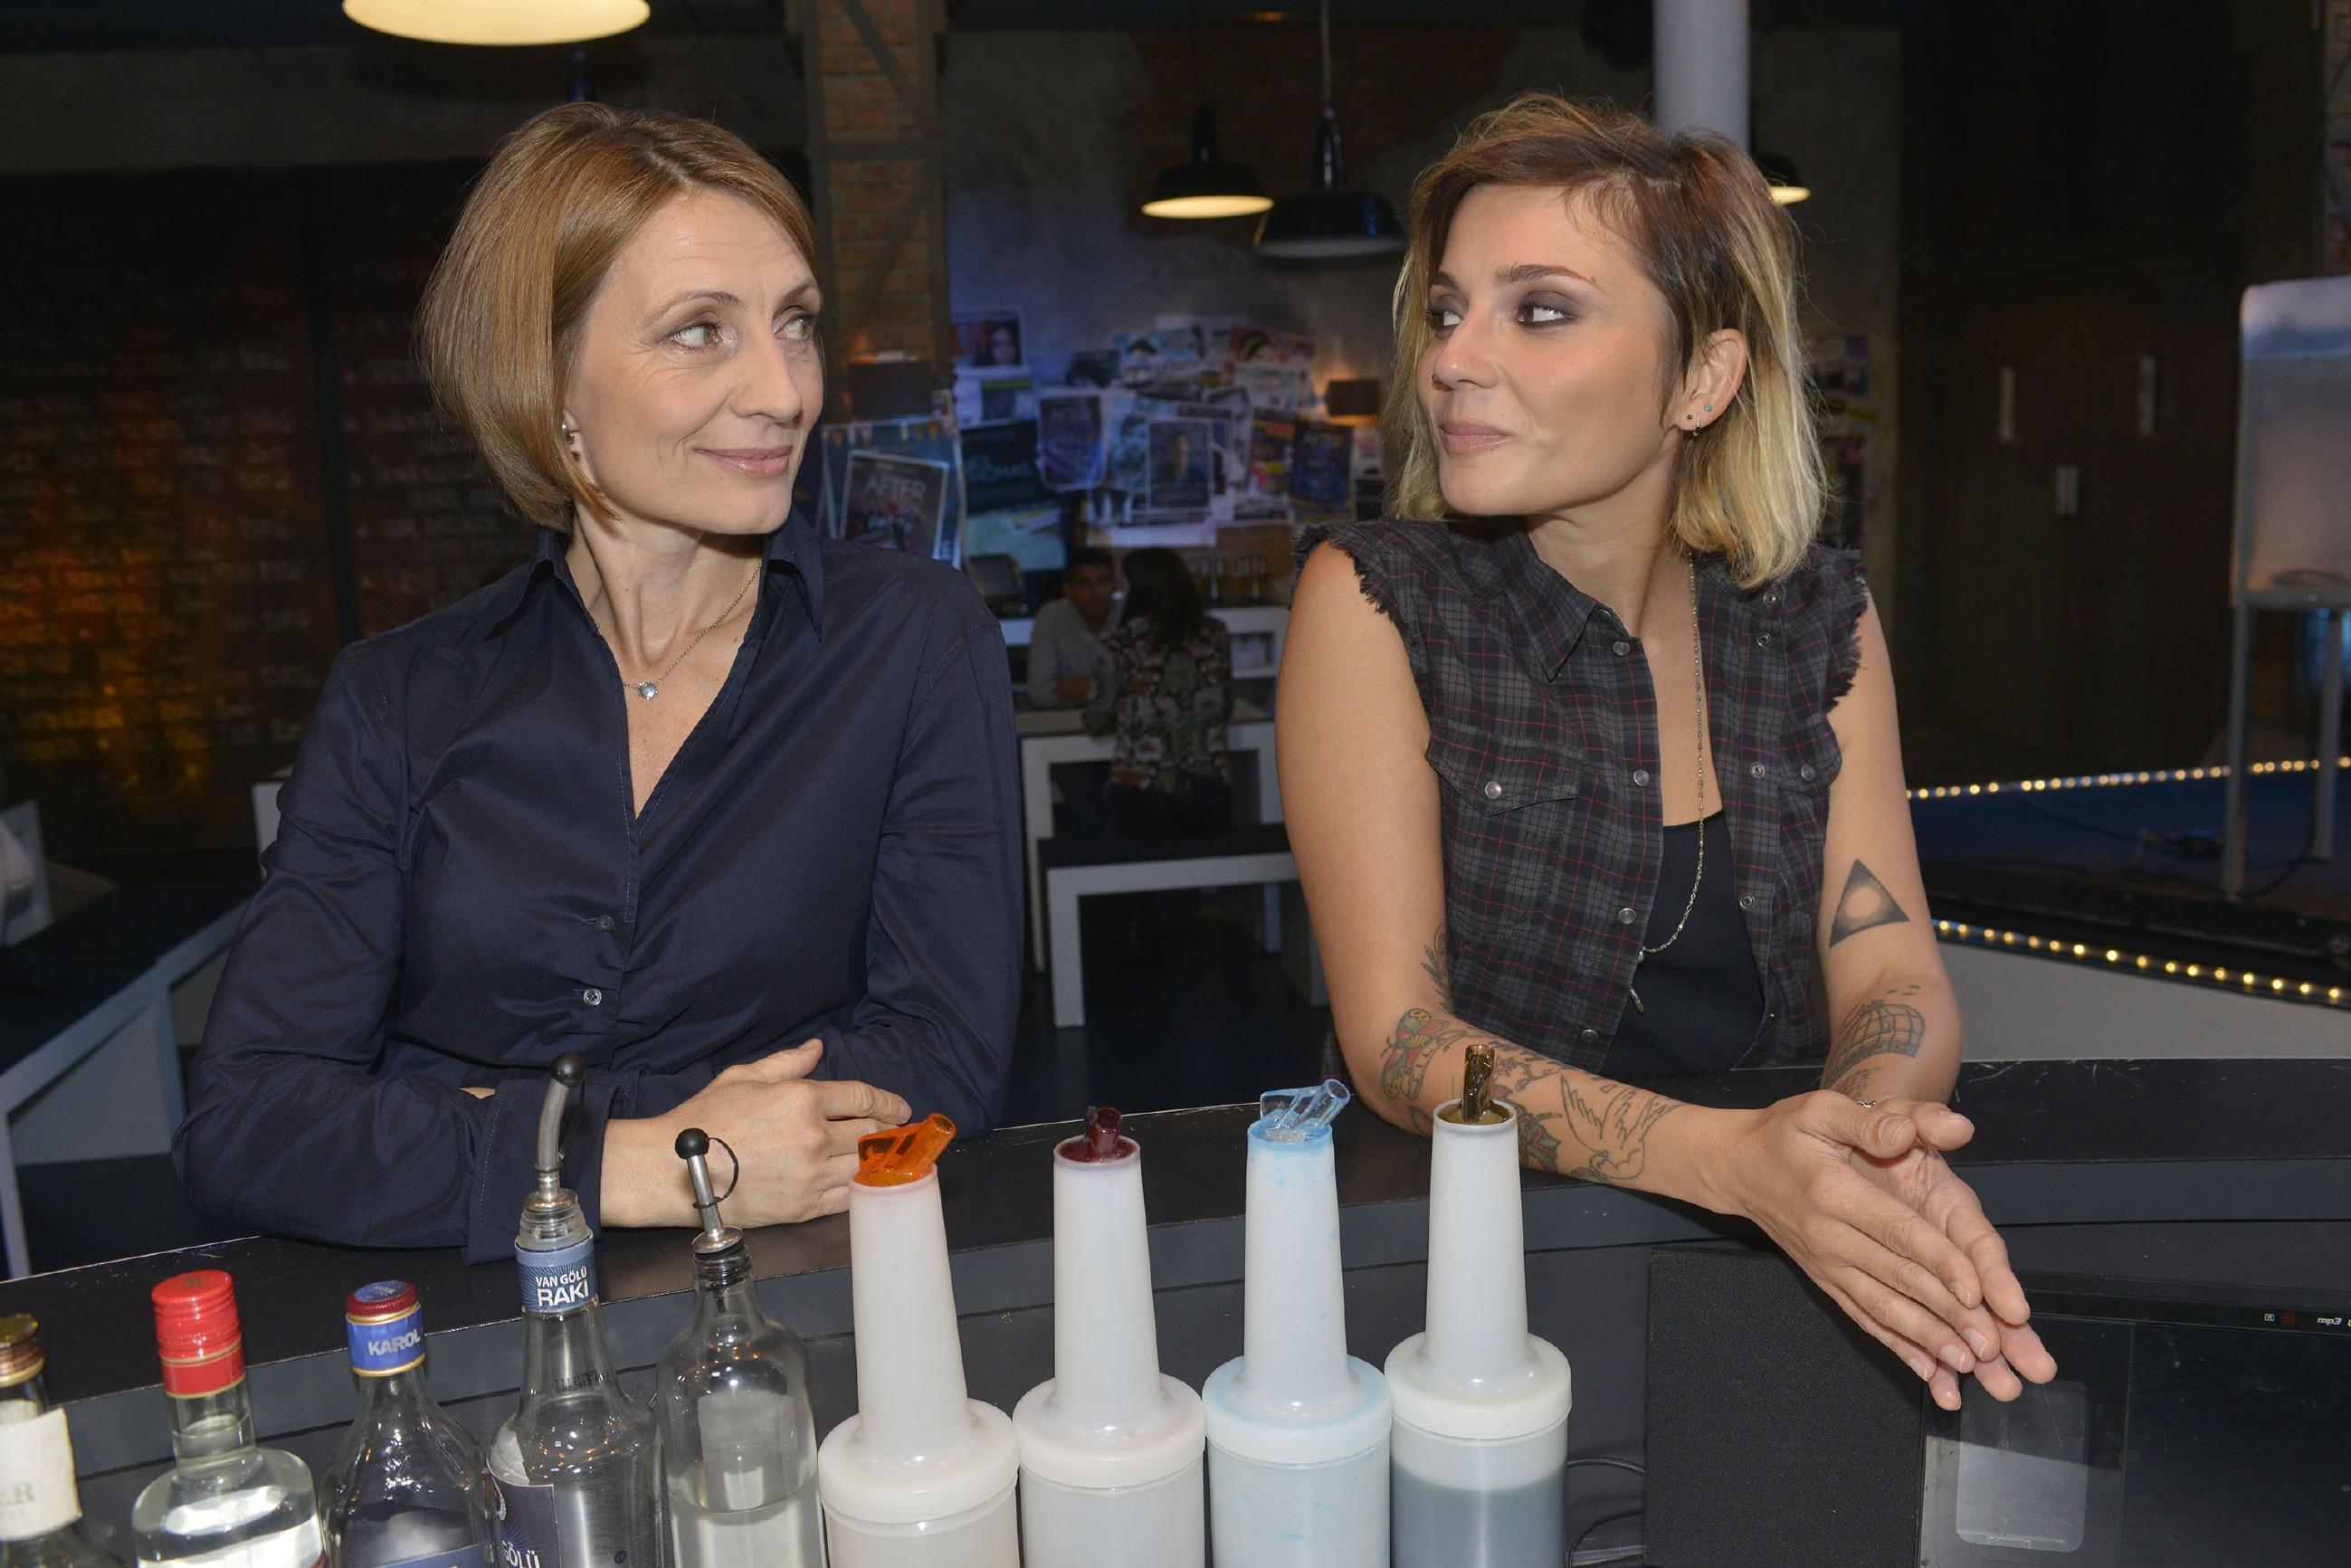 Anni (Linda Marlen Runge, r.) kann ihre Begierde für Rosa (Joana Schümer) nicht unterdrücken.